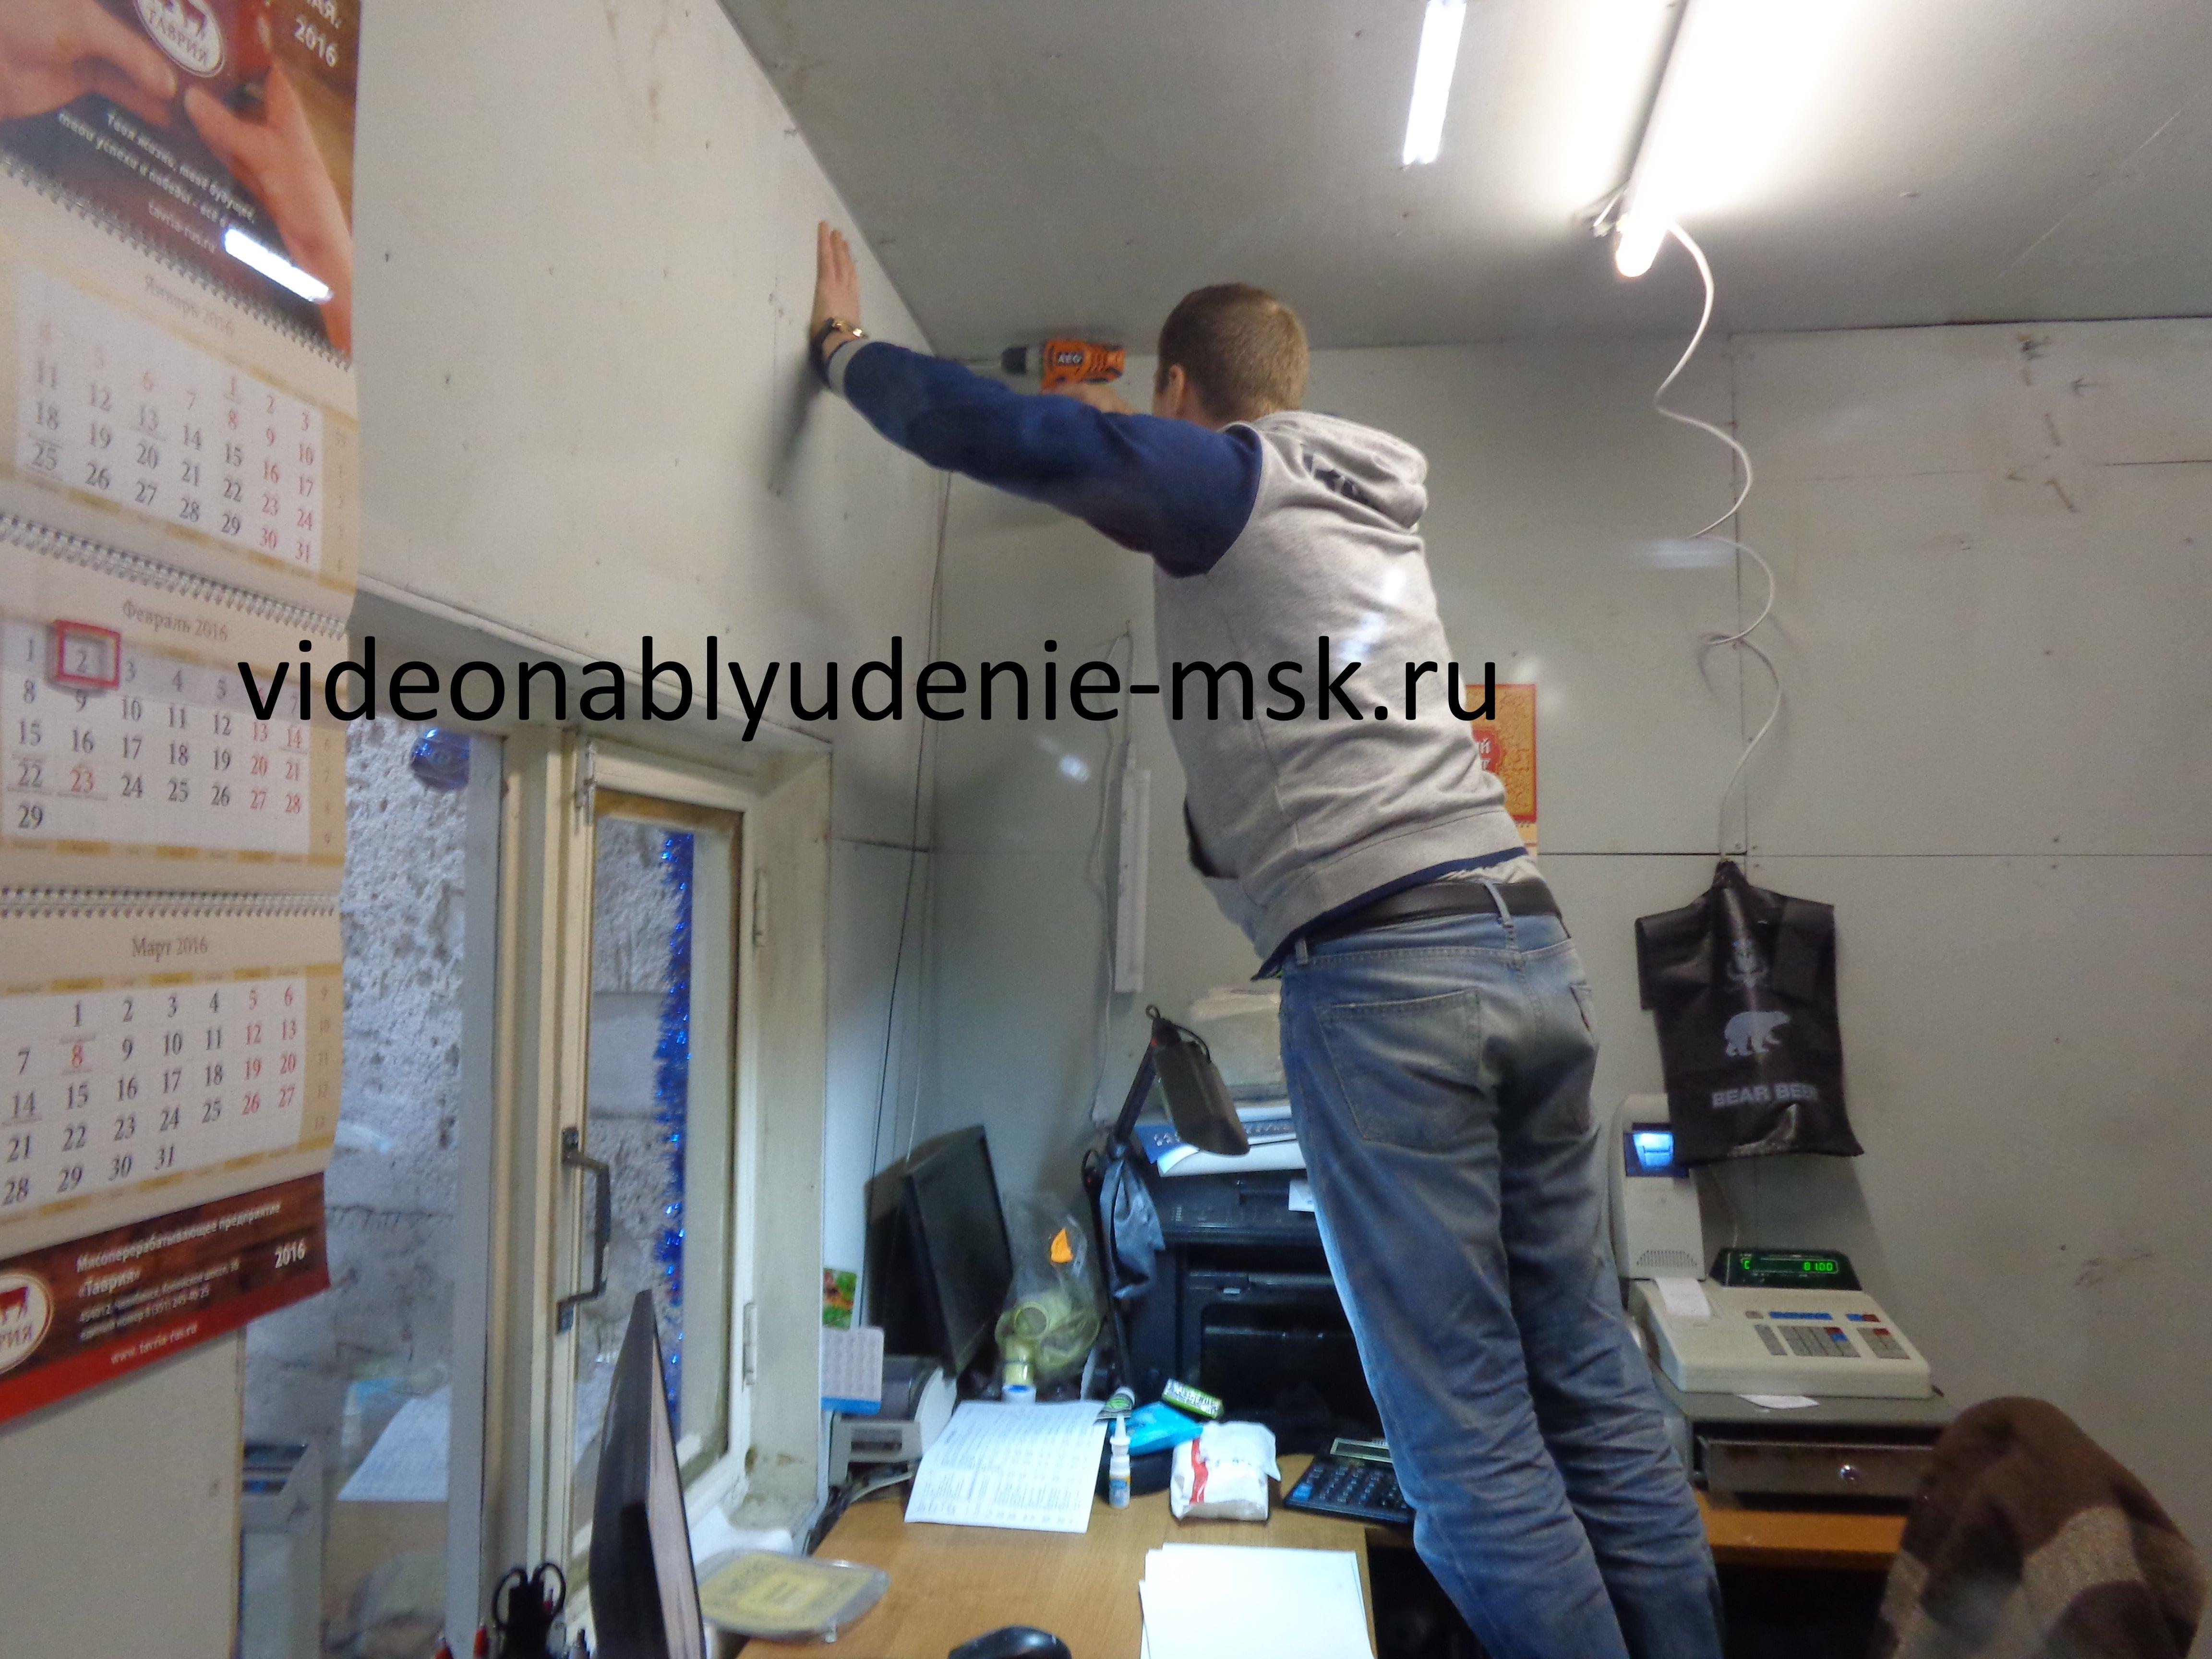 Установка систем видеонаблюдения Фото 3